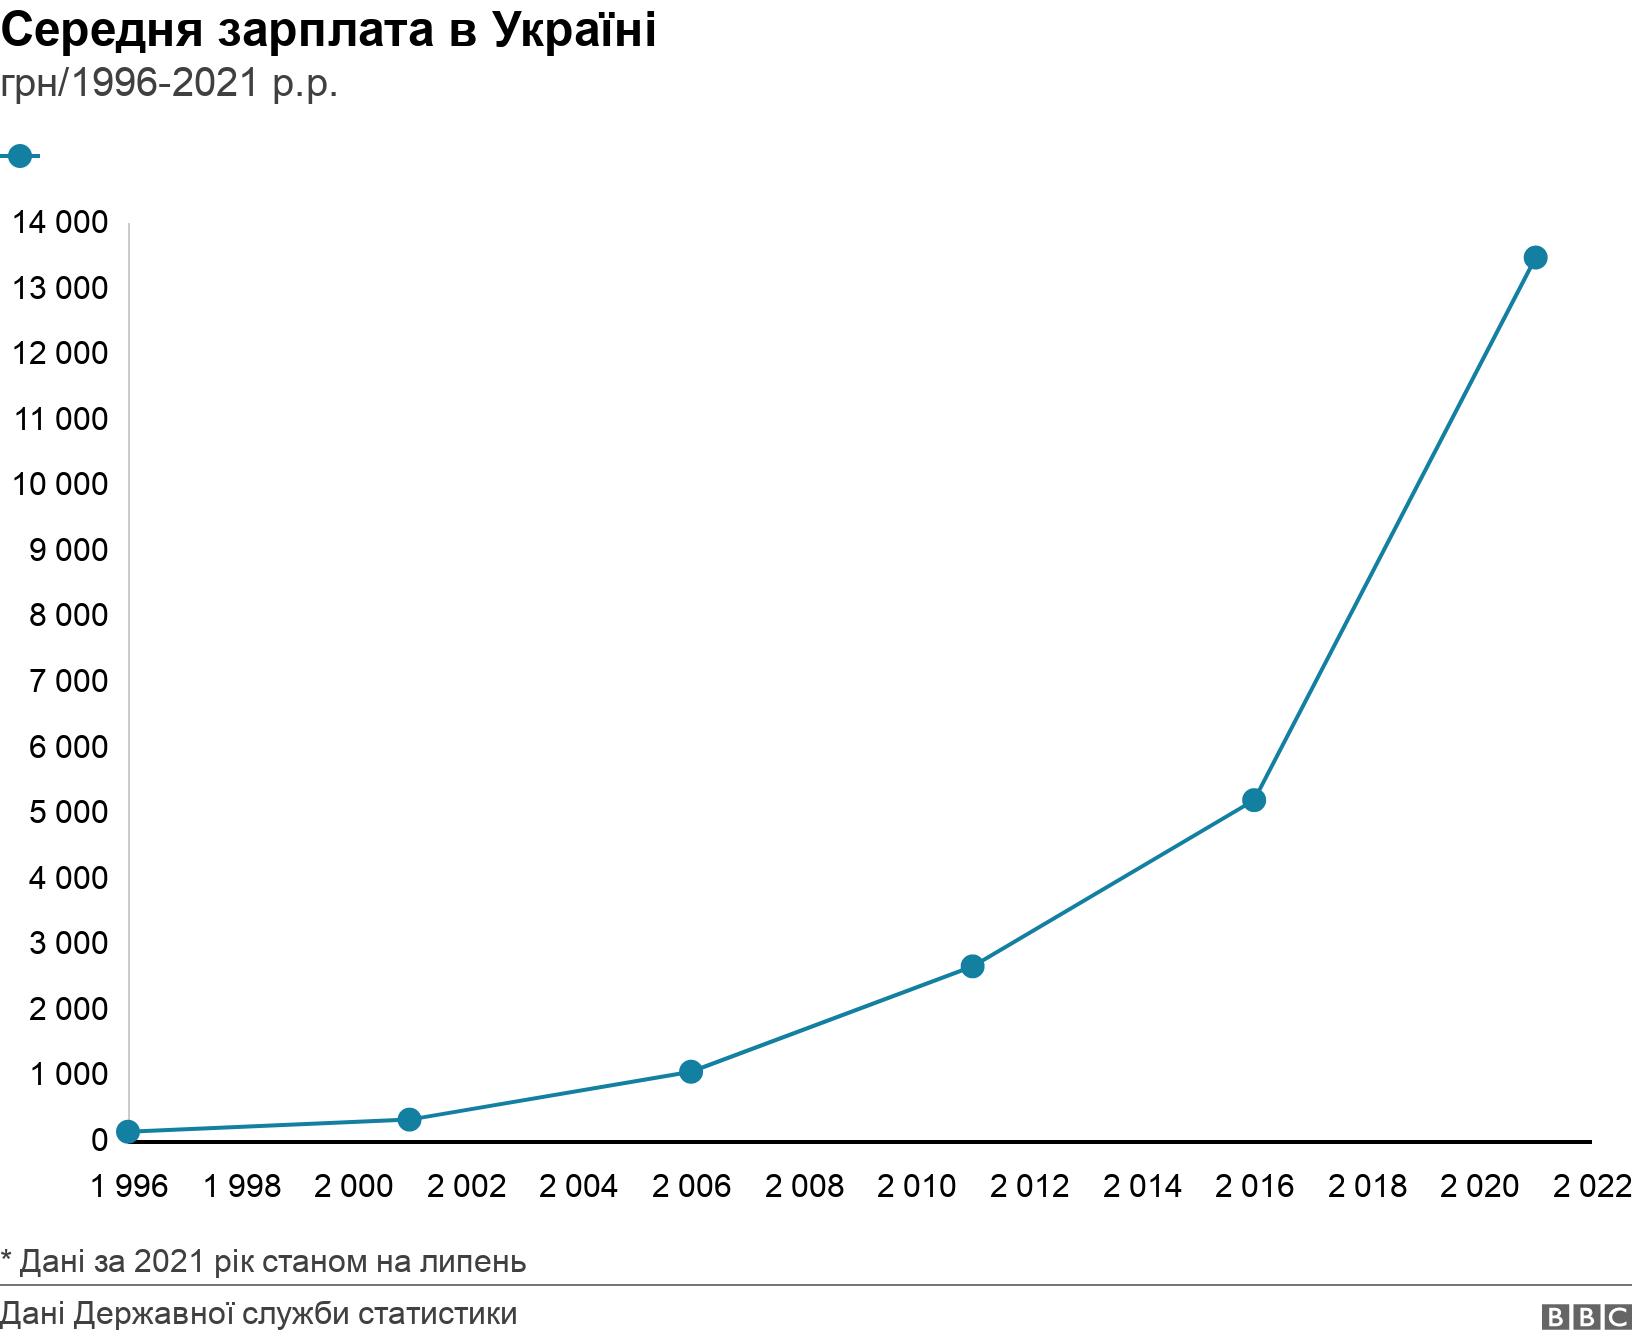 Середня зарплата в Україні. грн/1996-2021 р.р.. середня зарплата в Україні у 1996-2021 роках * Дані за 2021 рік станом на липень.